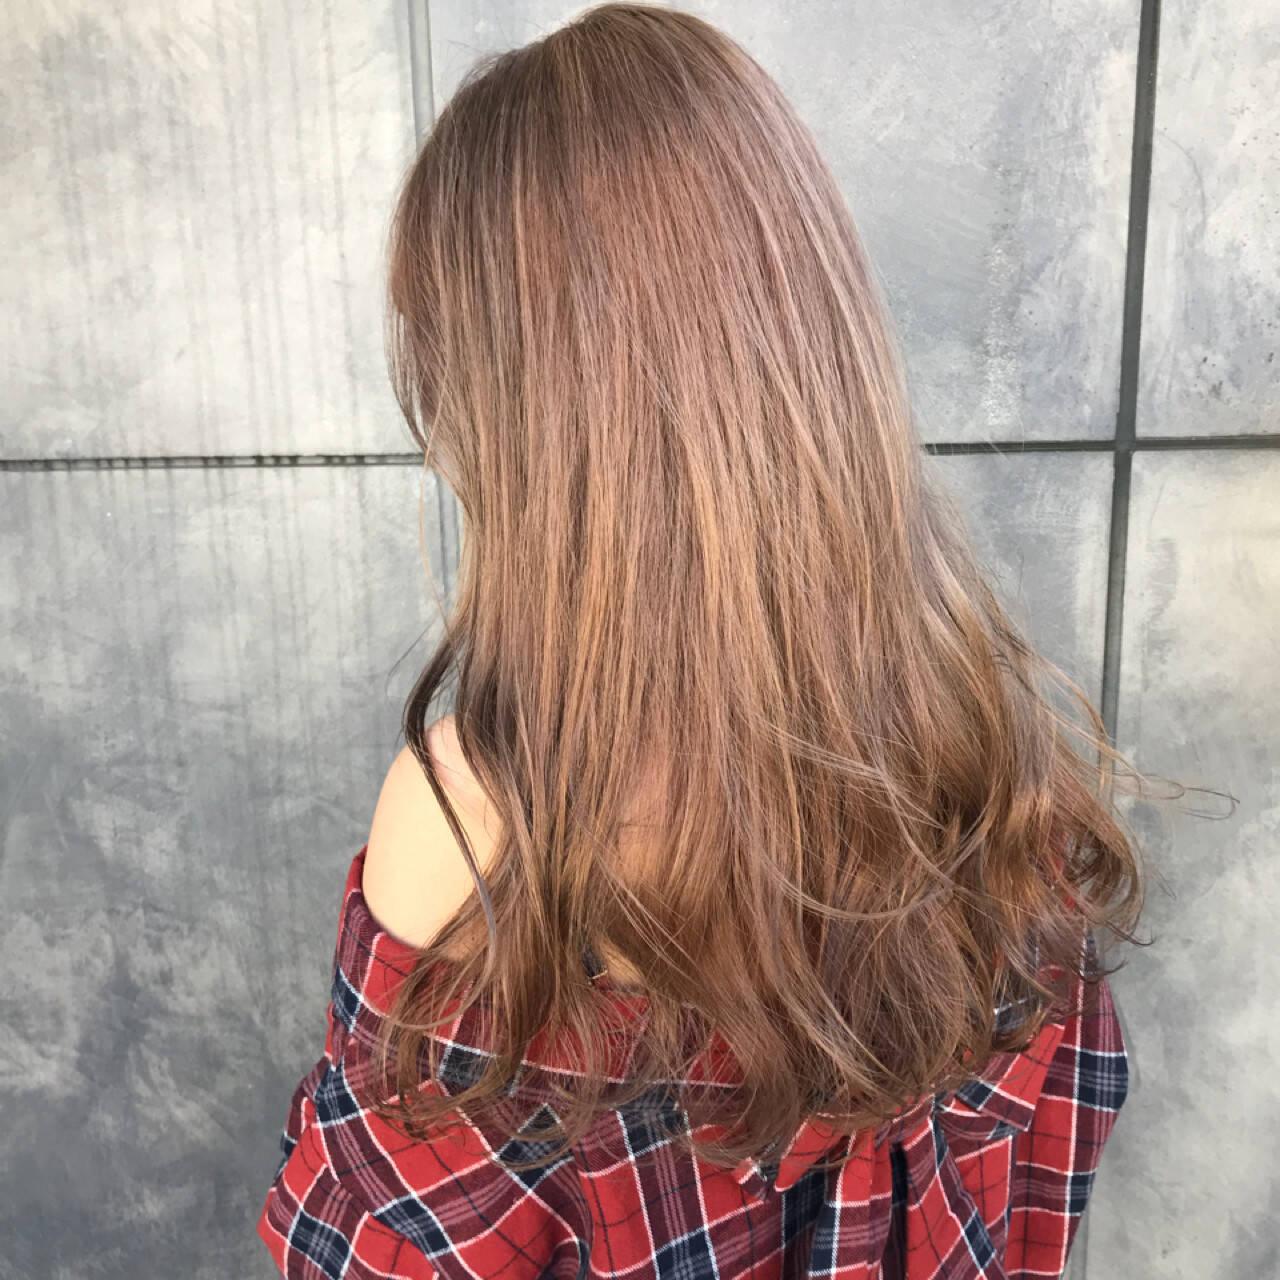 ブリーチカラー ベージュ 透明感 ロングヘアスタイルや髪型の写真・画像